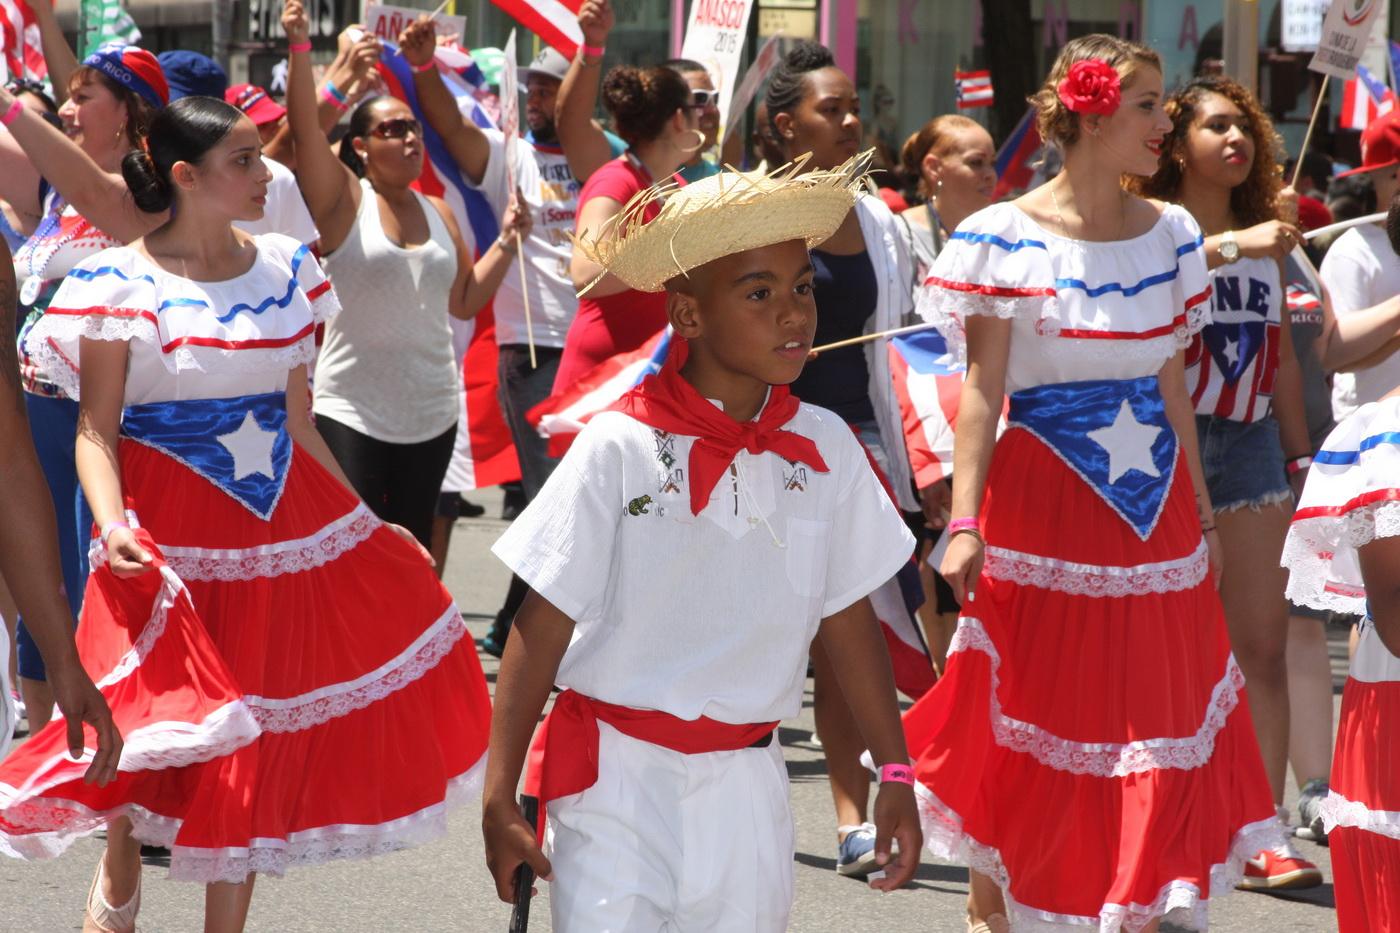 [un]Common Sense: The Puerto Rican Parade